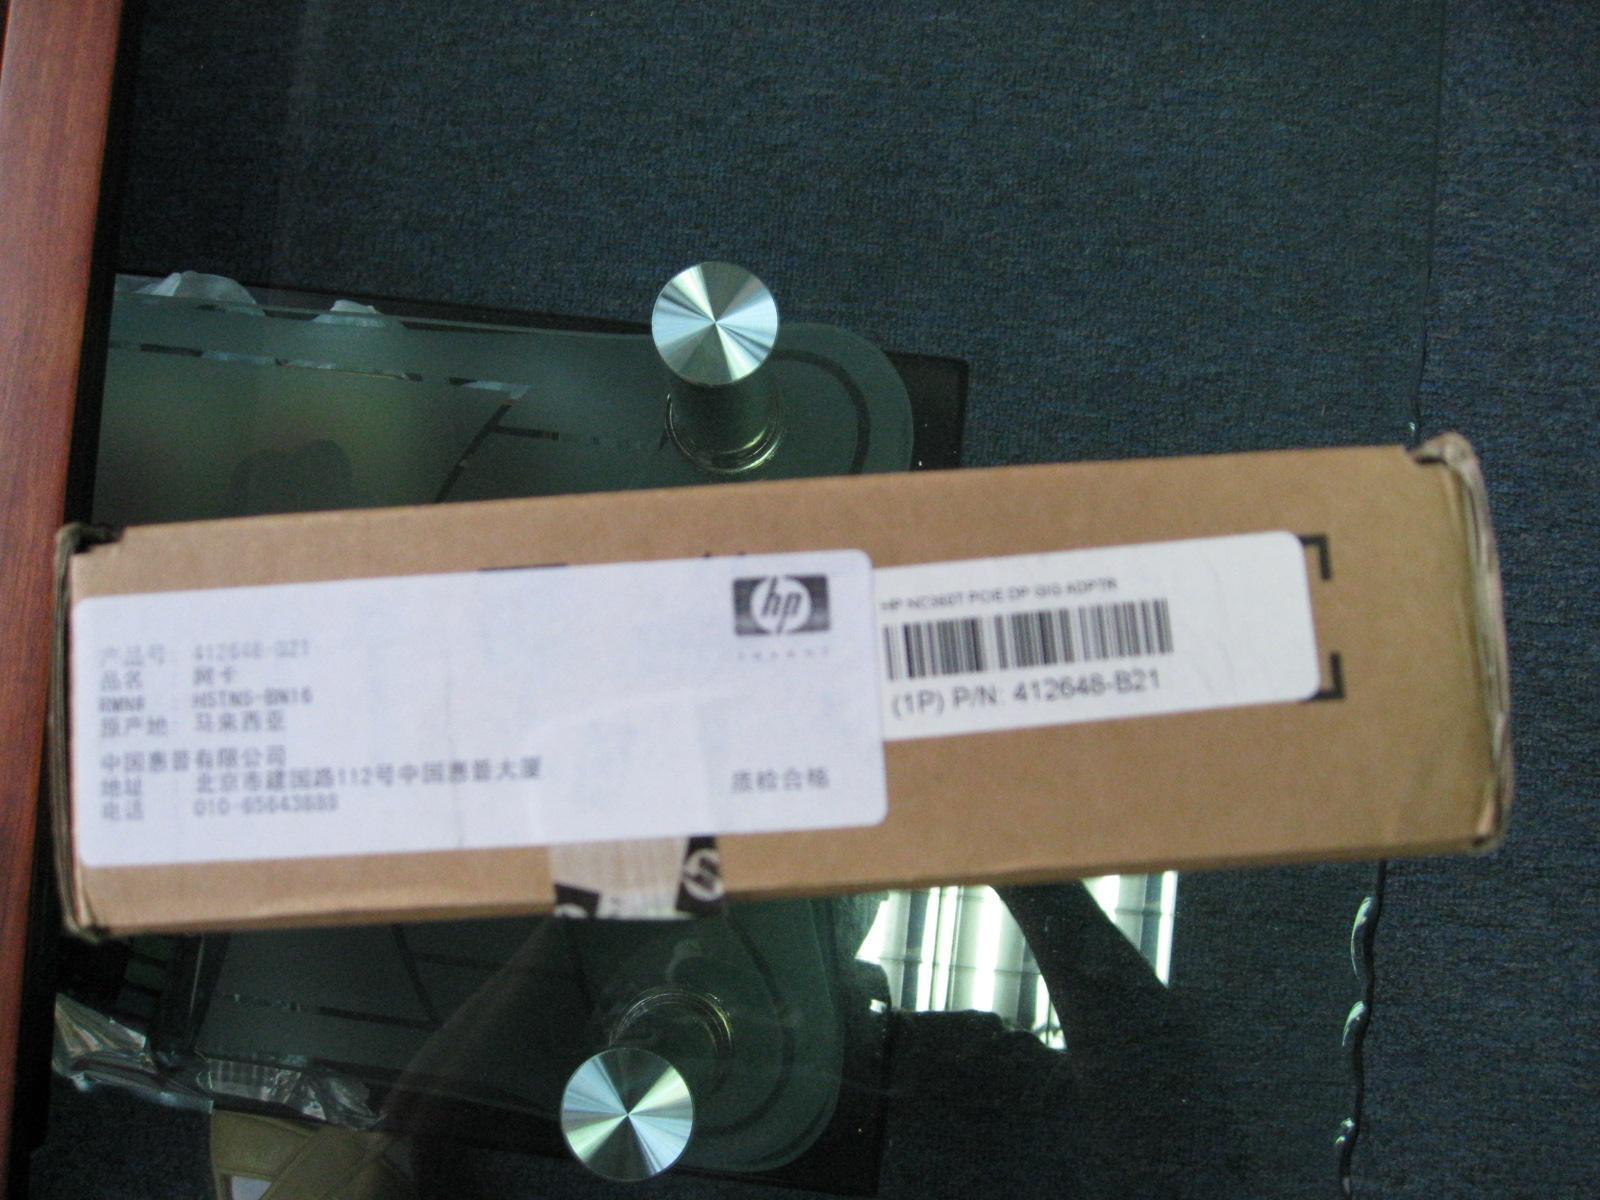 HPE Ethernet adapter C8R39A QW972A P9D94A Q0L14A C8R39AR QR559AR